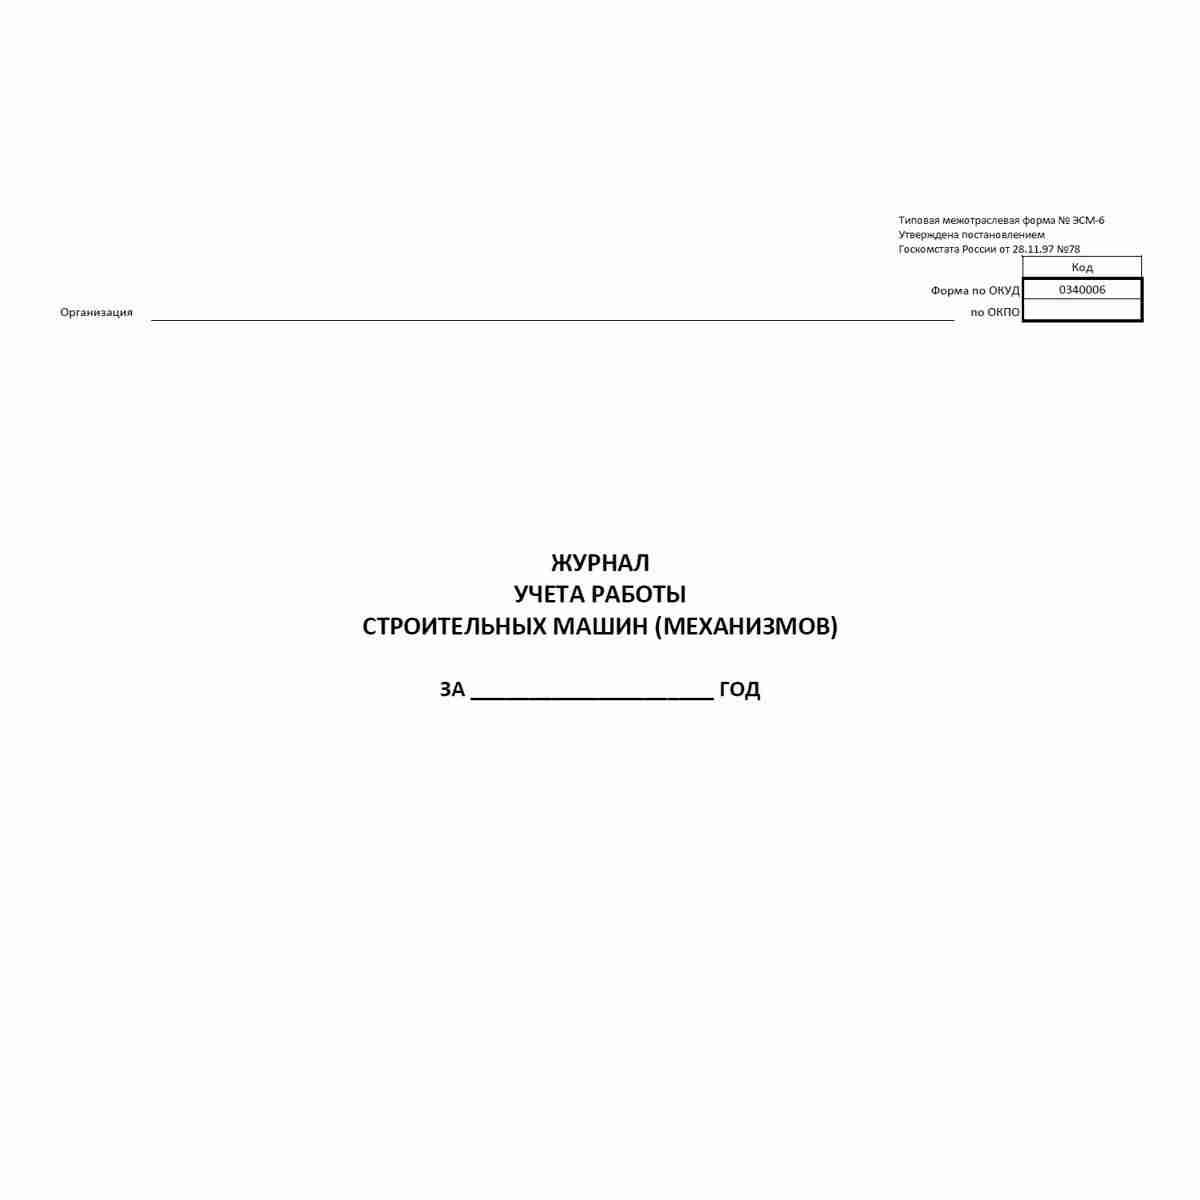 """Унифицированная форма первичной учетной документации Типовая межотраслевая форма №ЭСМ-6 """"Журнал учета работы строительных машин (механизмов)"""" (ОКУД 0340006) в формате. Обложка."""